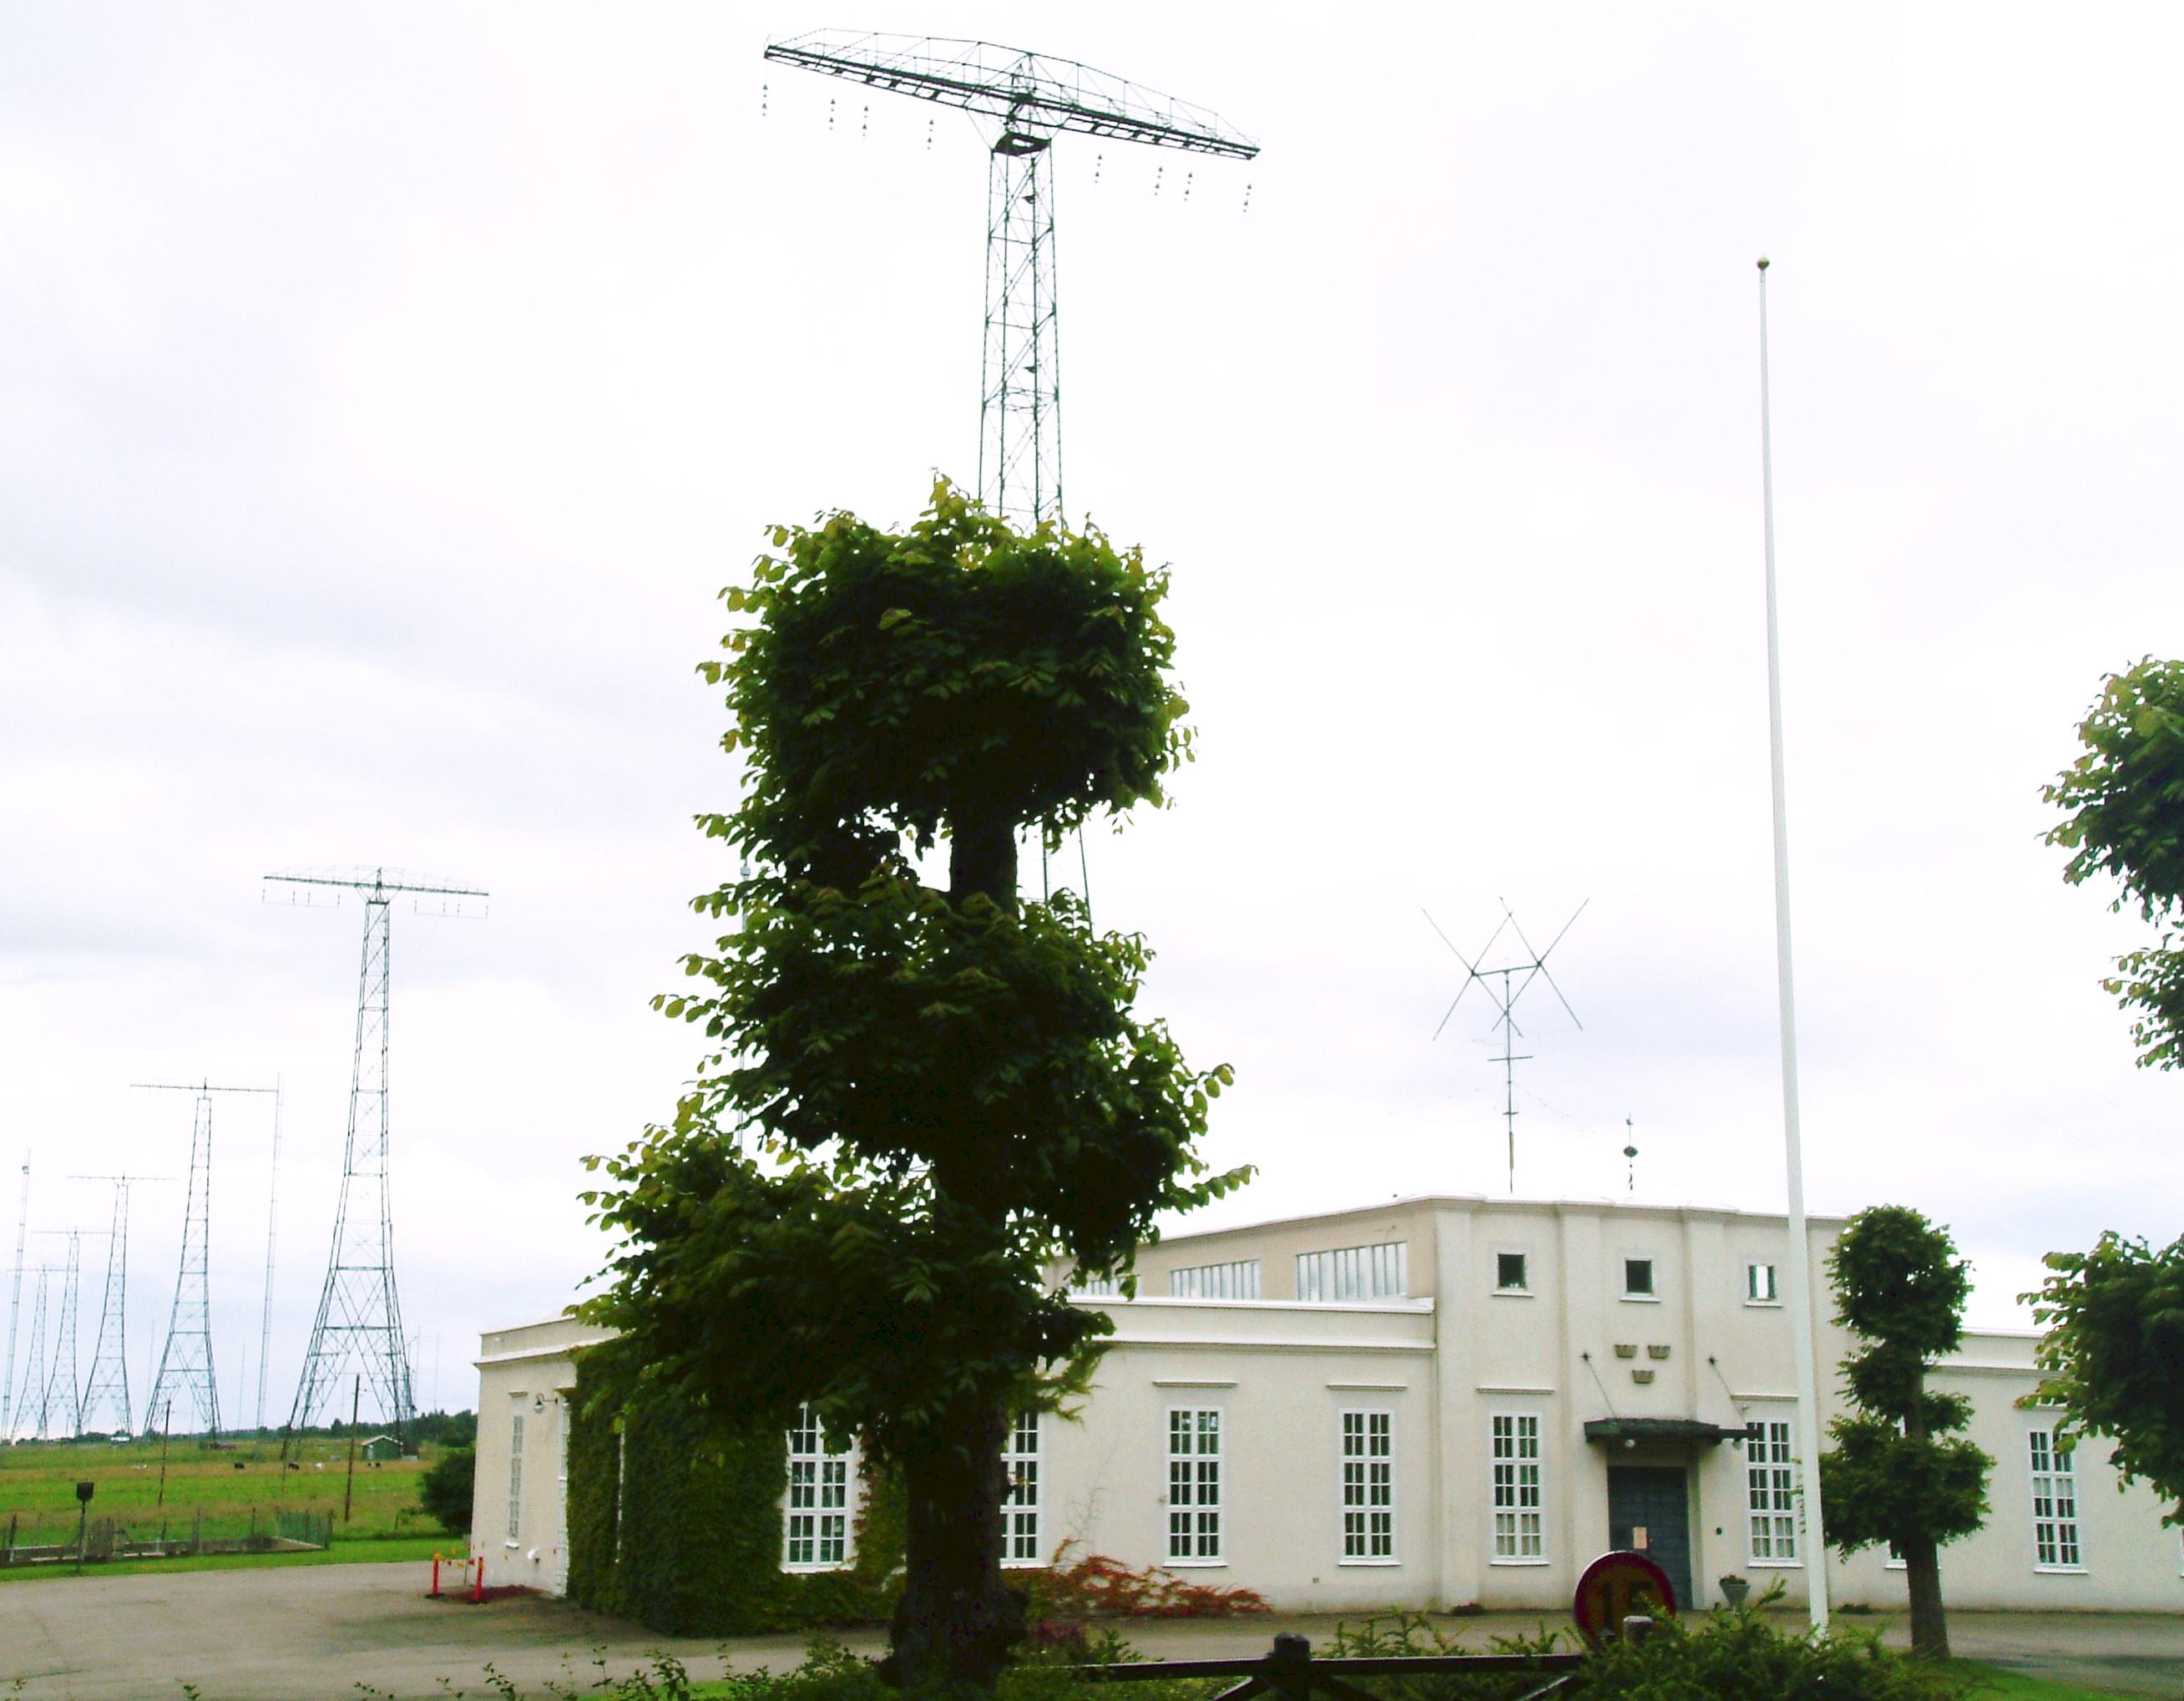 Estació de ràdio Varberg